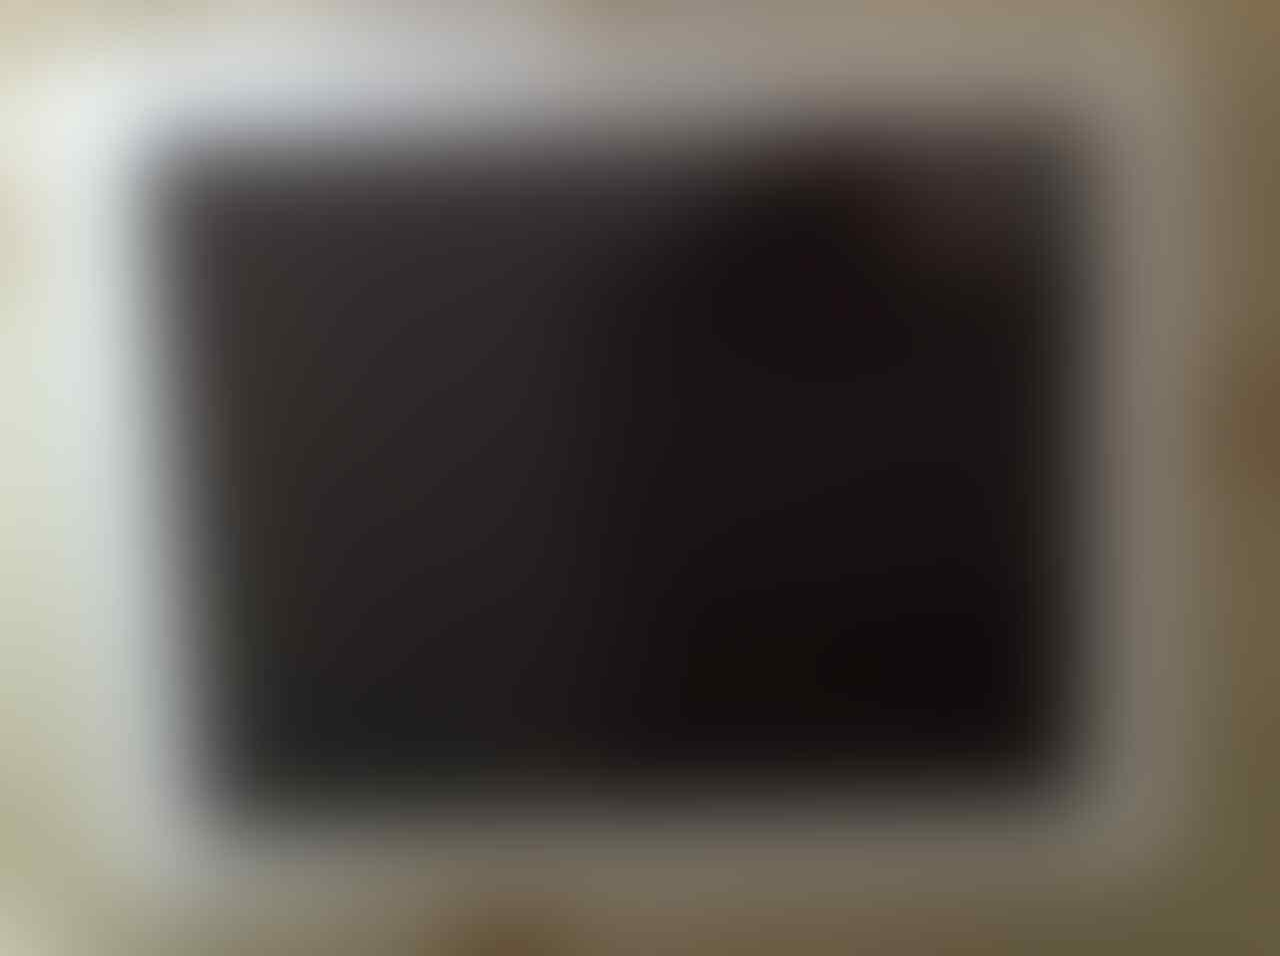 New Ipad (Ipad 3) white 16GB wifi + cellular jual santai